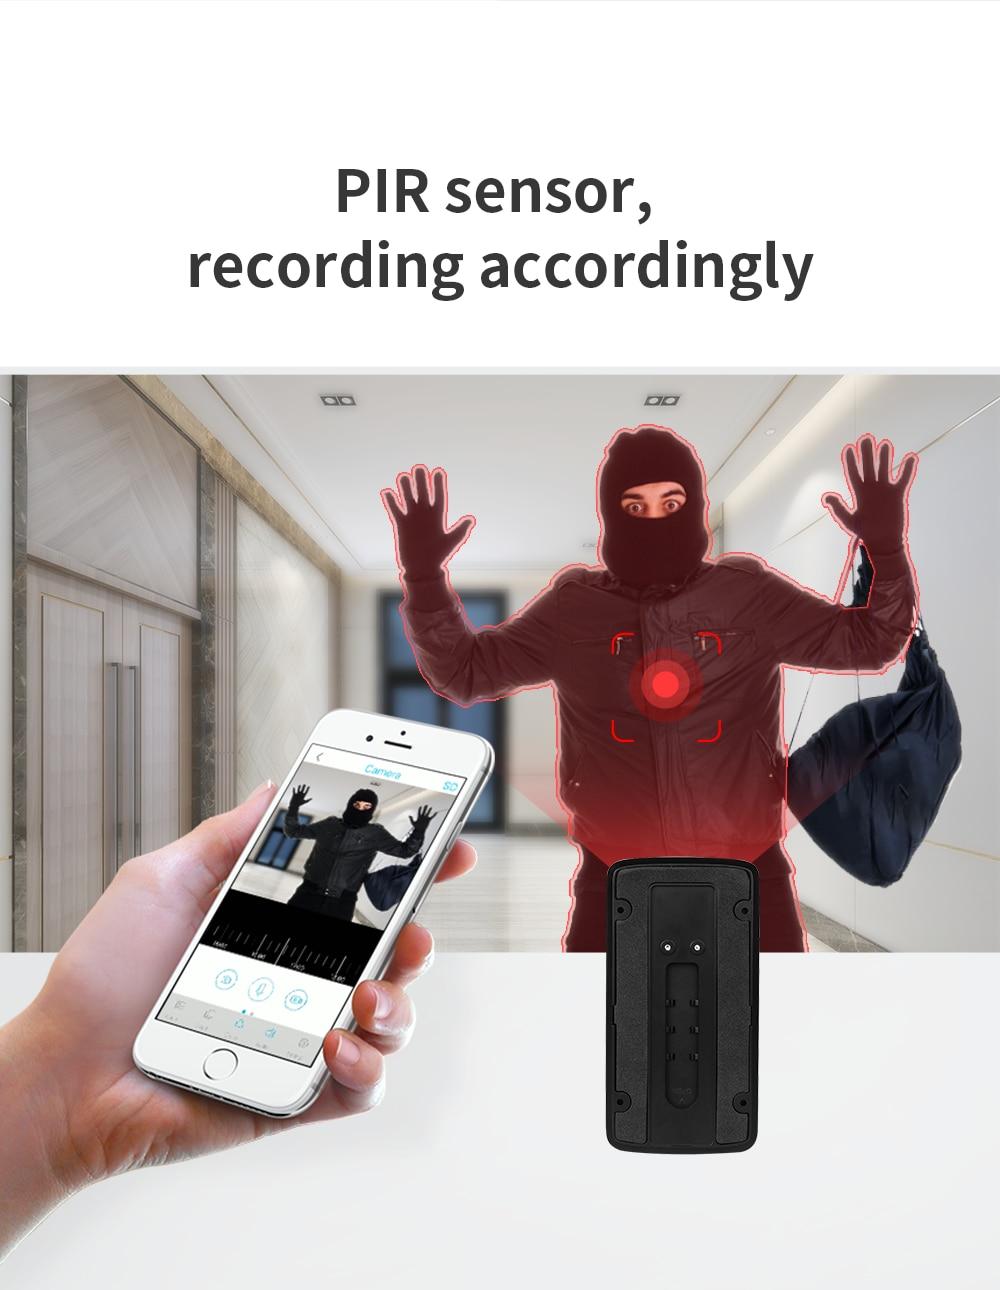 INQMEGA Wifi vidéo sonnette sans fil caméra de sécurité téléphone maison porte cloche alarme télécommande téléphone Vision nocturne en toute sécurité - 5